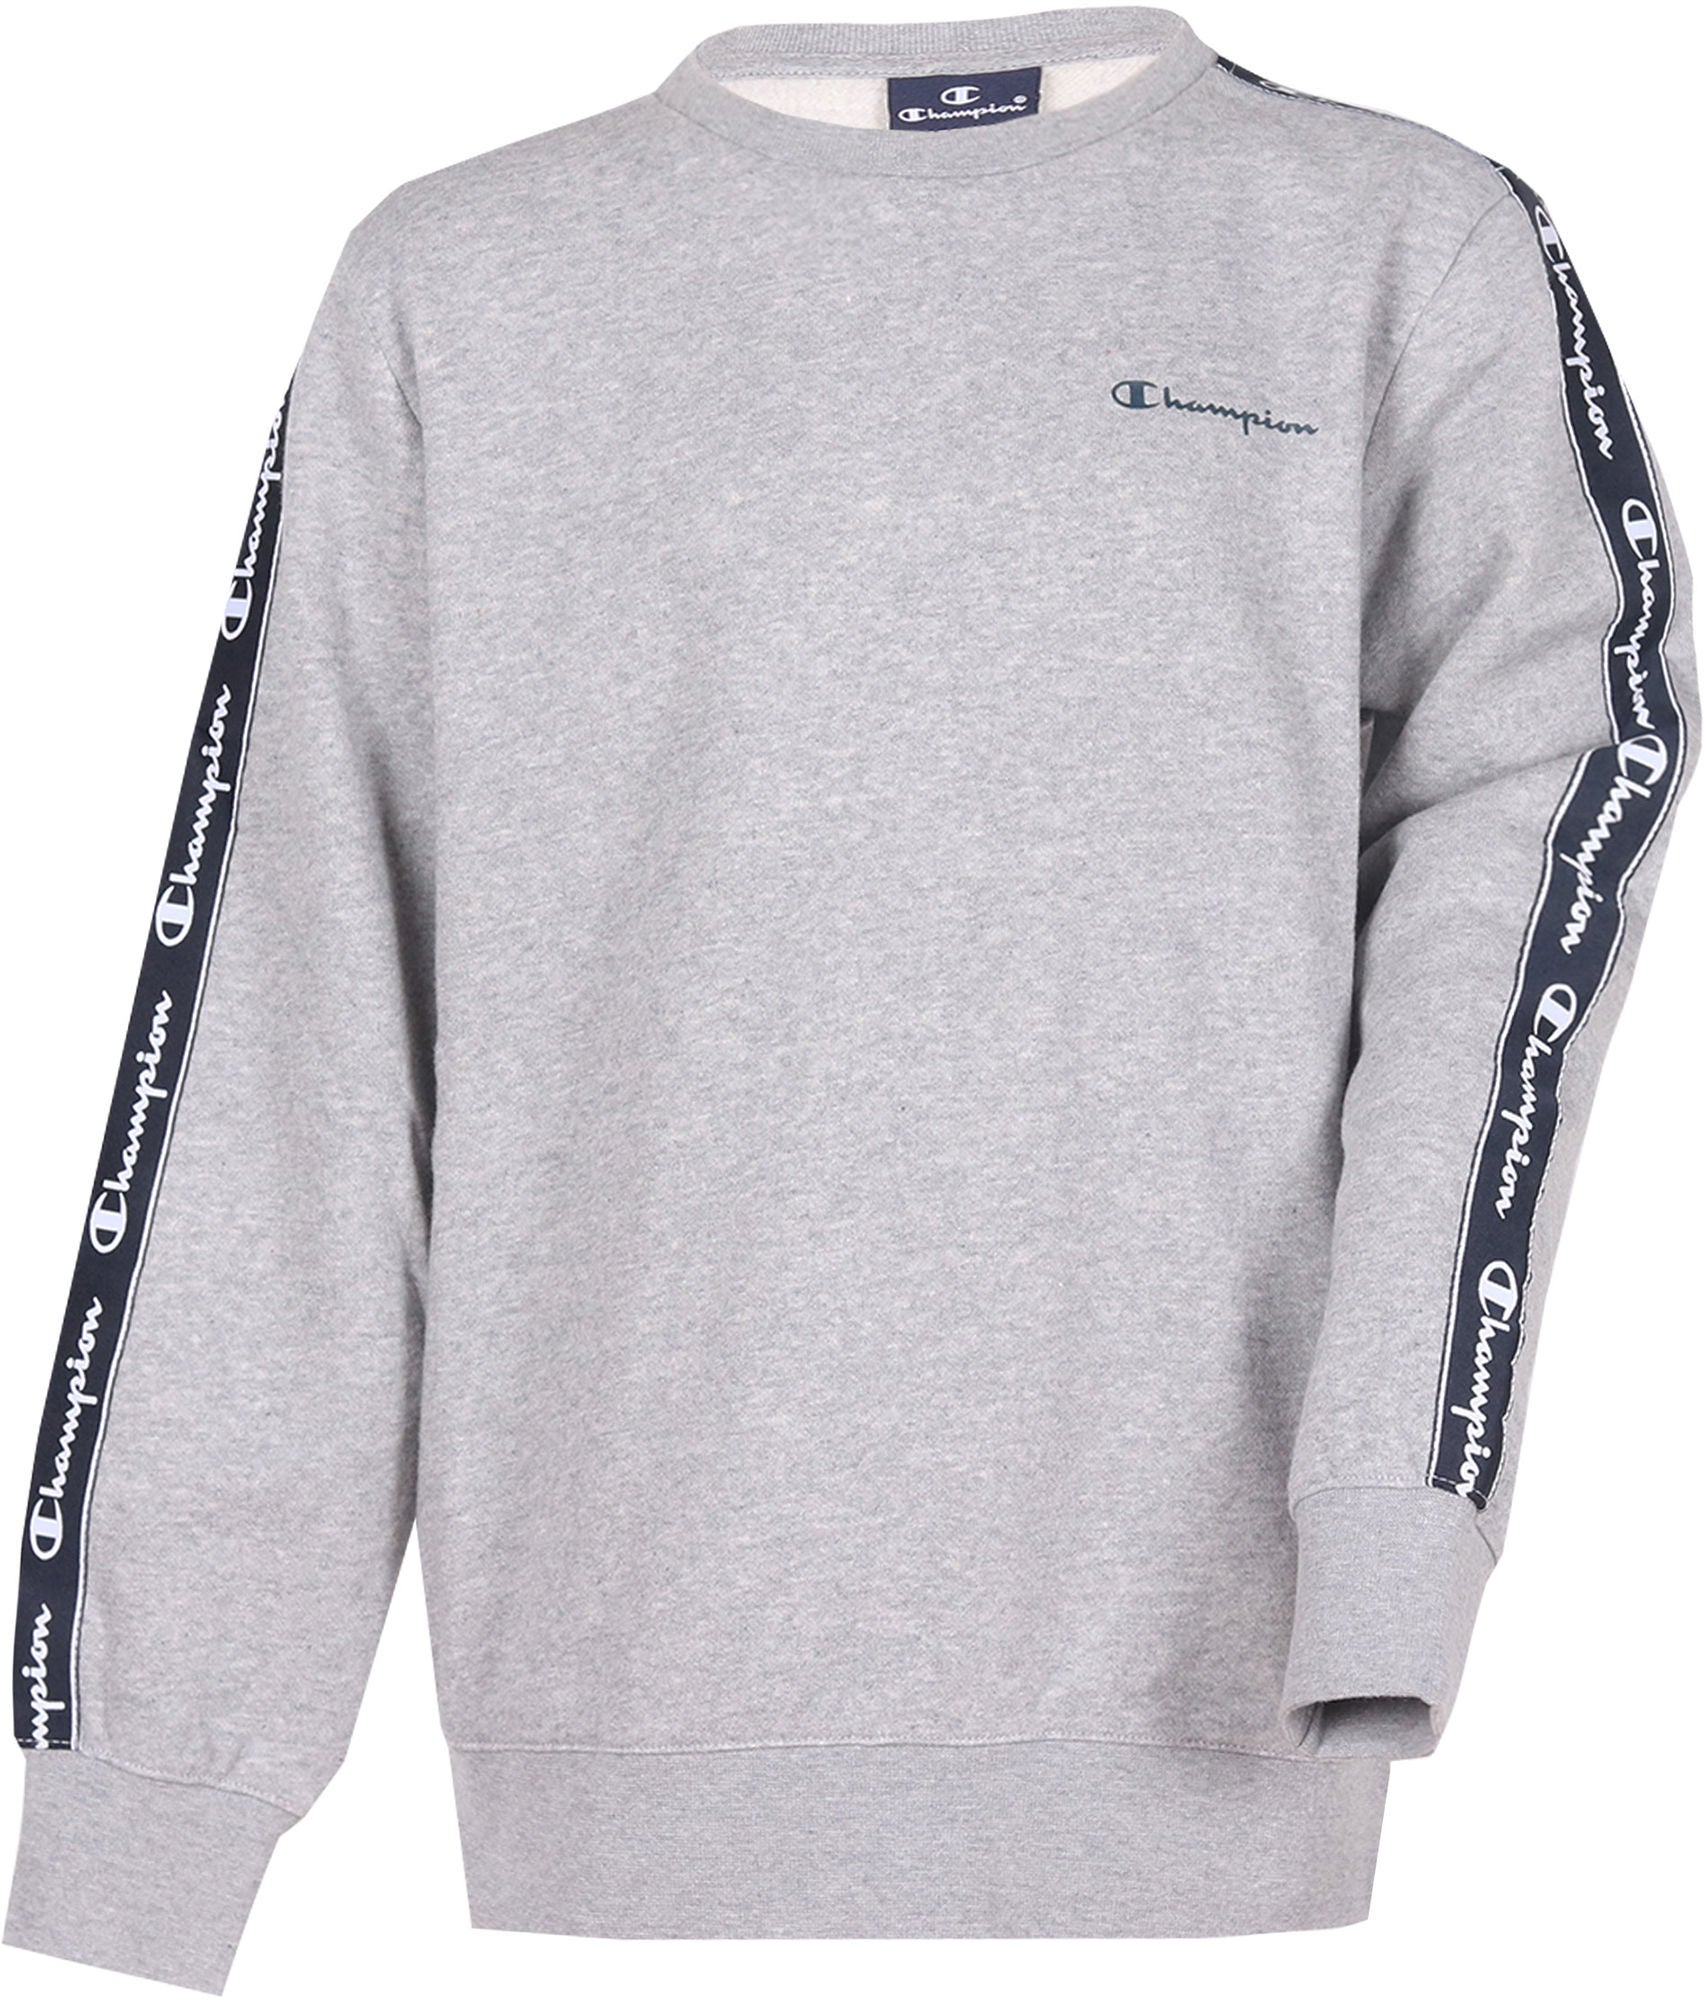 Champion Pullover | Luxodo